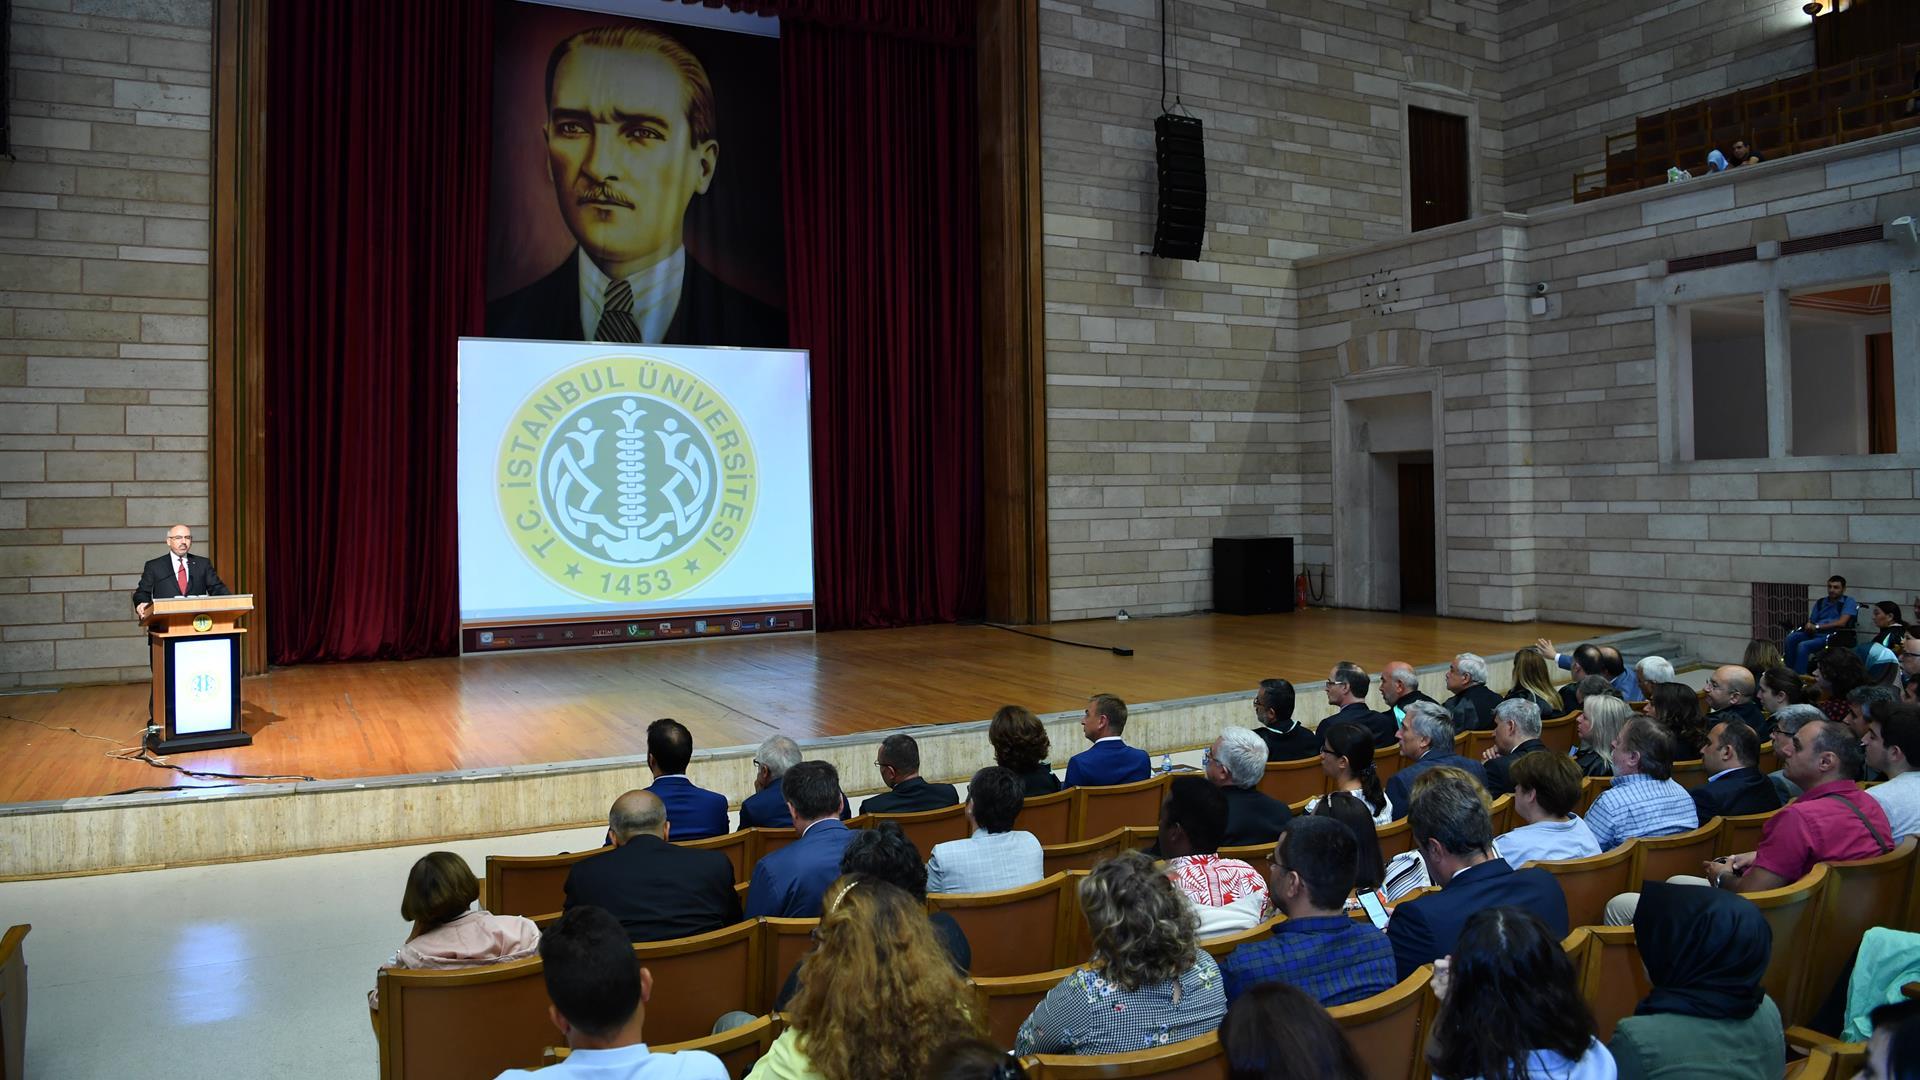 İstanbul-Üniversitesi-Edebiyat-Fakültesi-2018-2019-Akademik-Yılı-Açılış-Töreni-Gerçekleştirildi